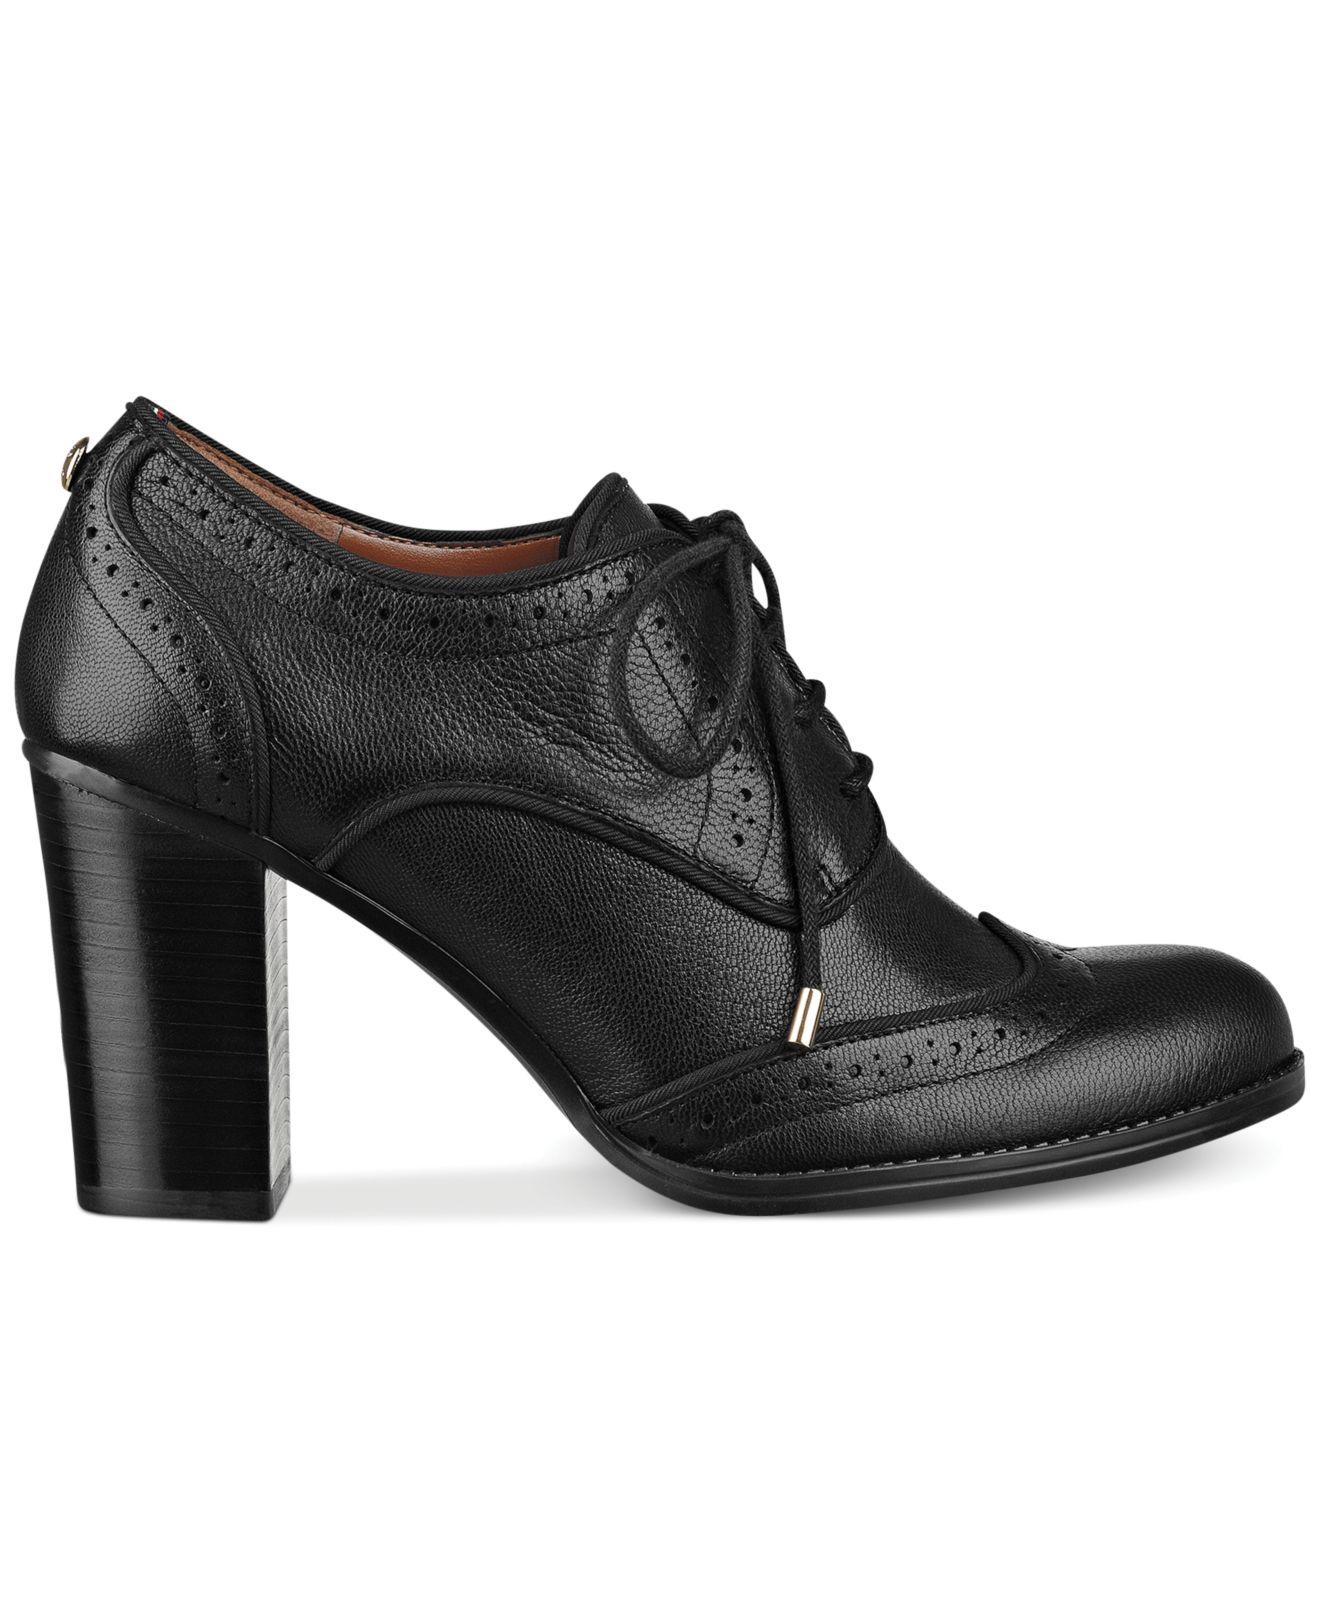 c1271755d Lyst - Tommy Hilfiger Women s Fabiole Oxford Shooties in Black